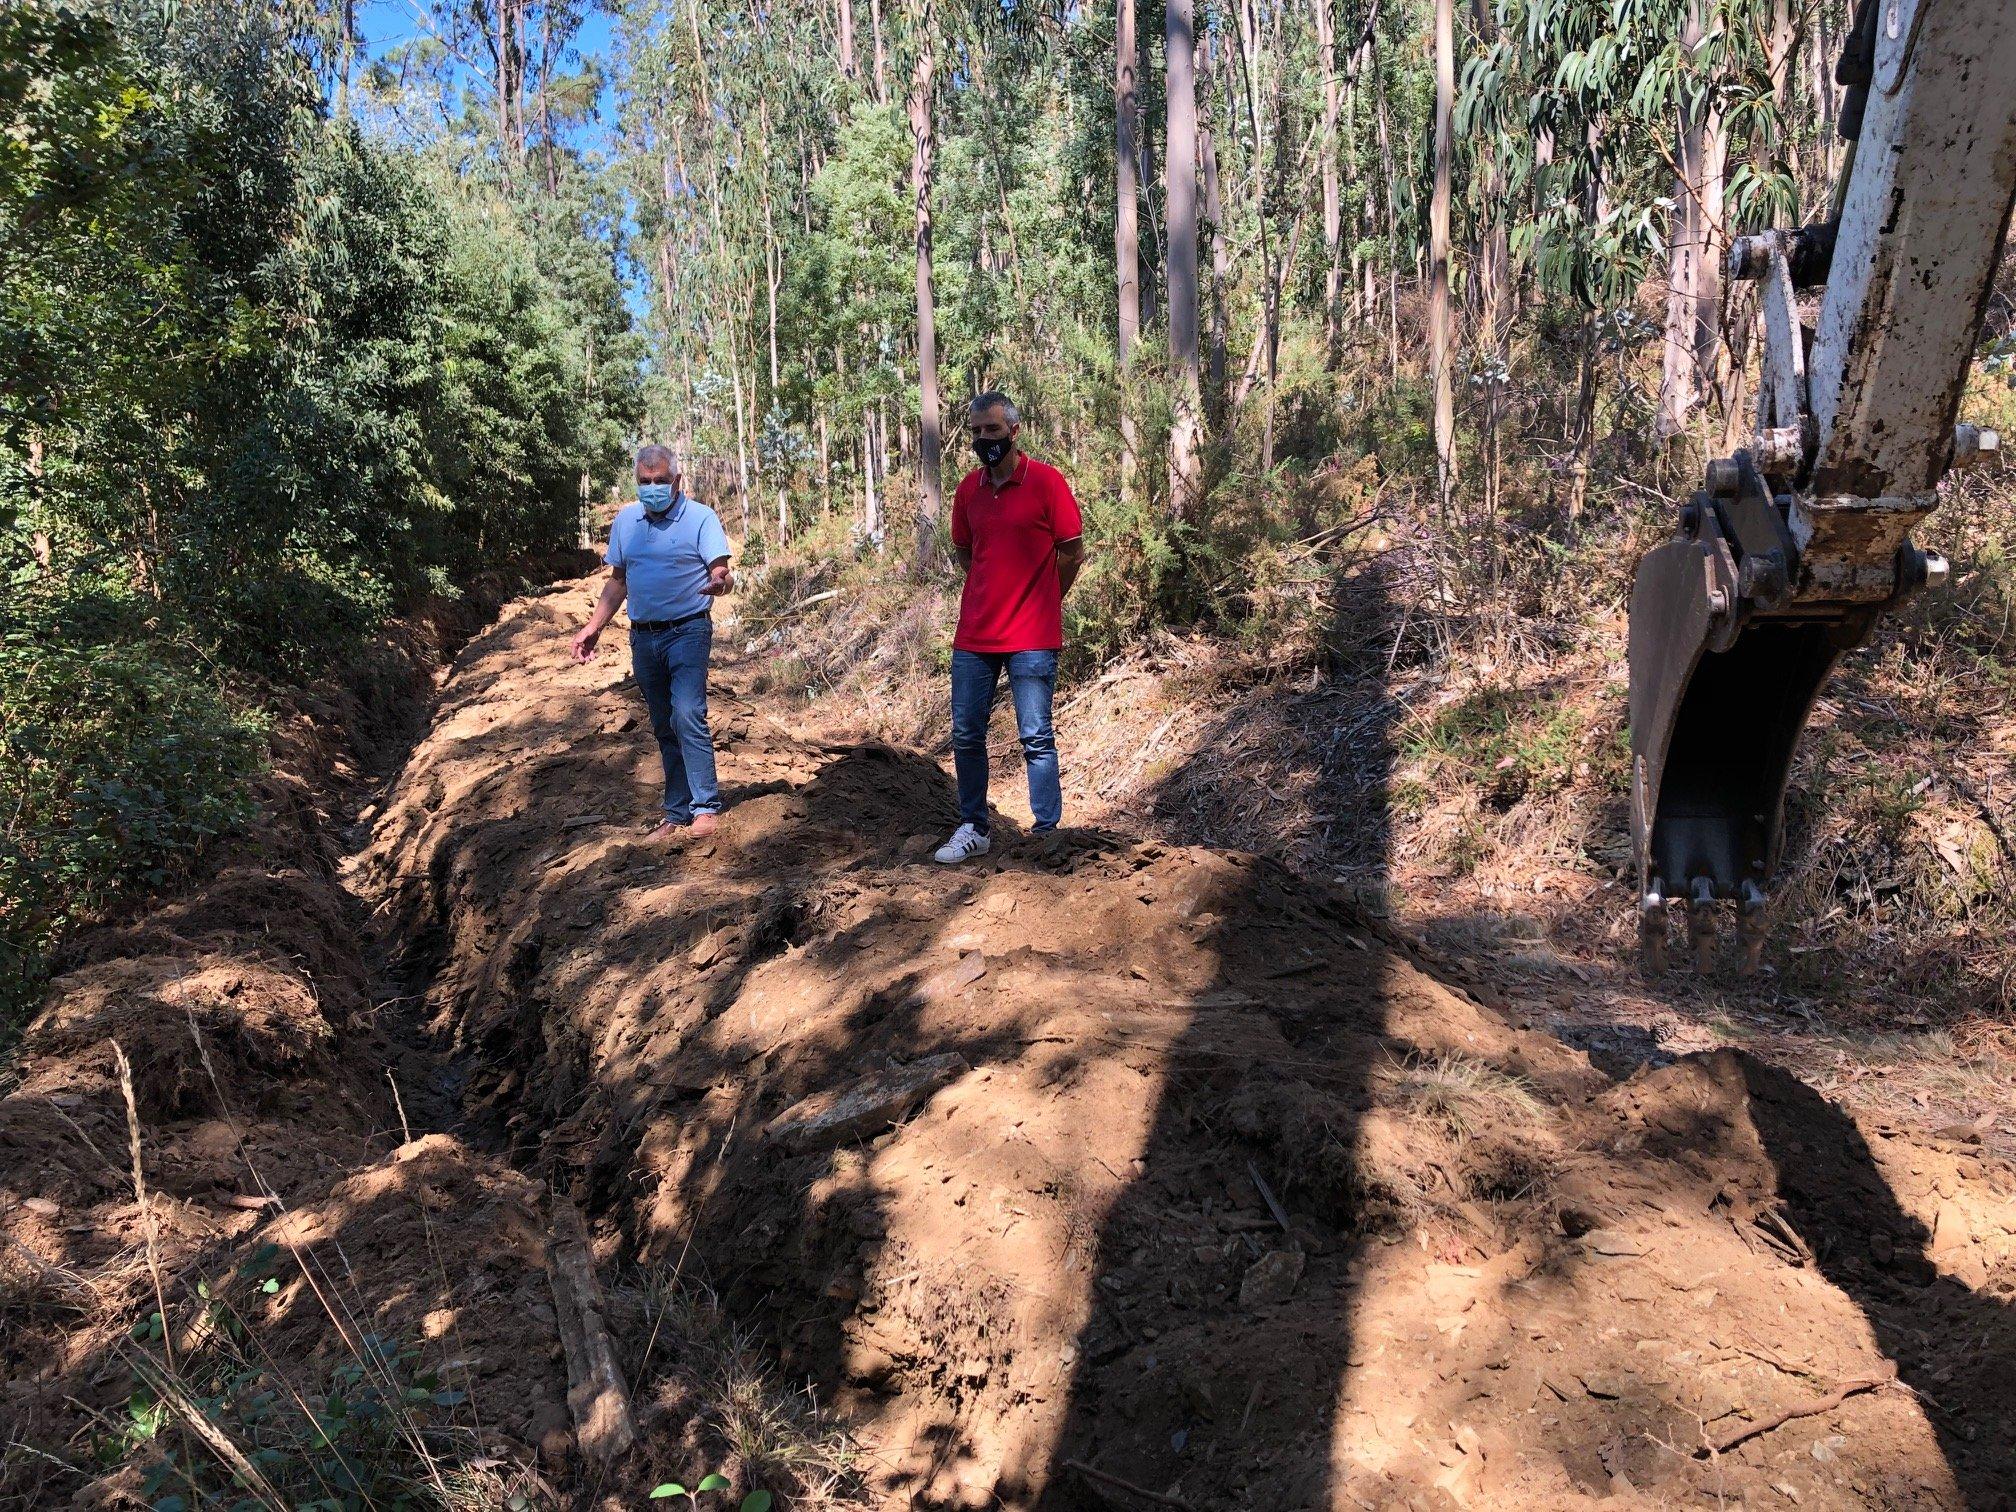 Comienzan las obras para mejorar el suministro de agua potable a Covelas, Cedofeita y Arante (Ribadeo)